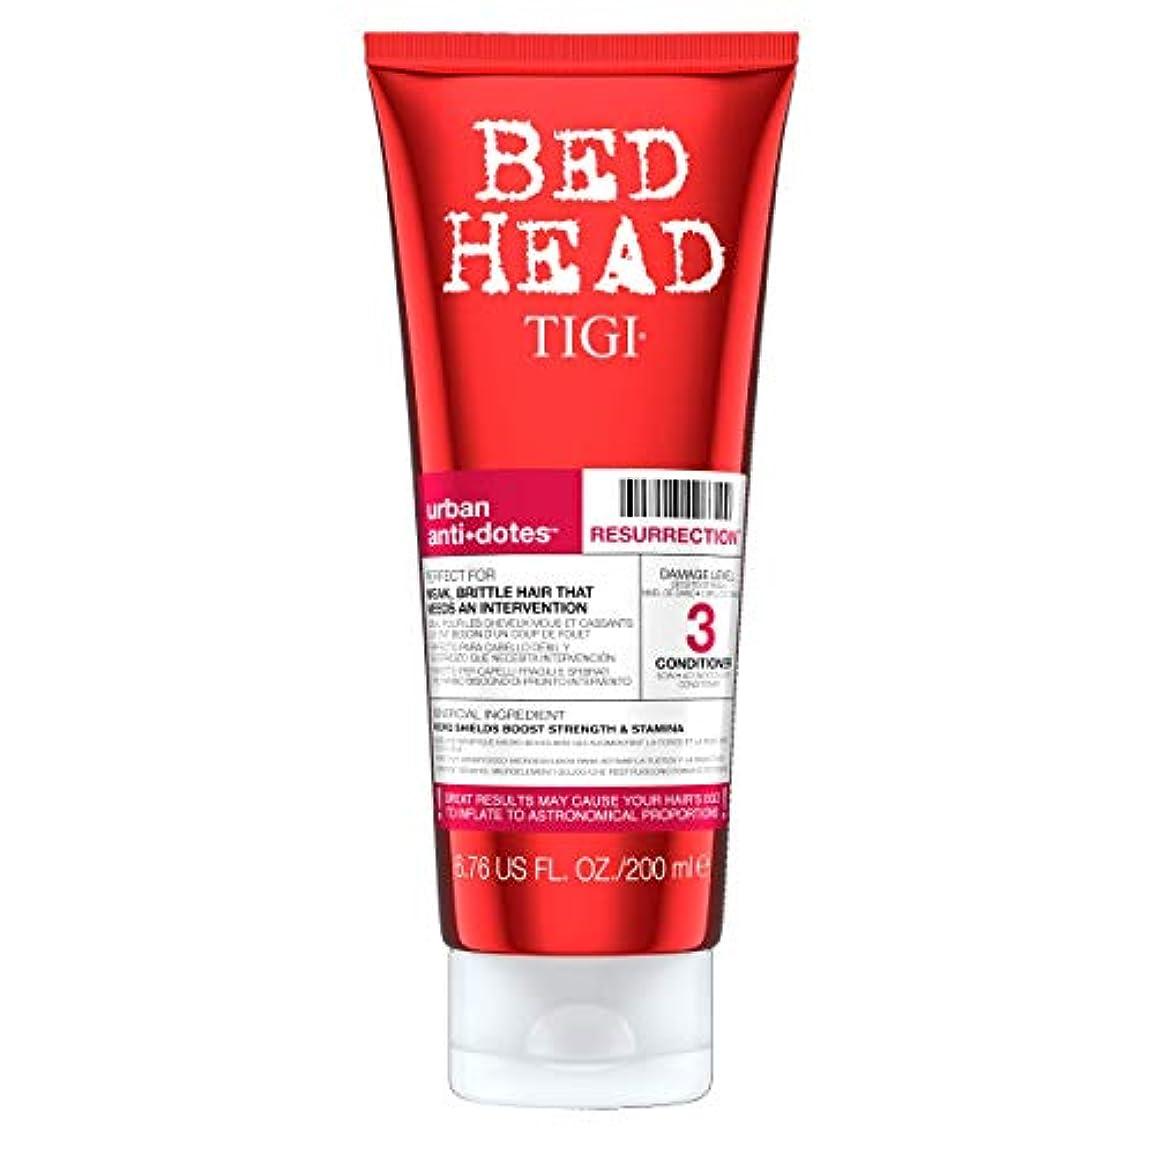 ティジー ベッドヘッドアーバンアンチドート髪再生コンディショナー 200ml (並行輸入品)